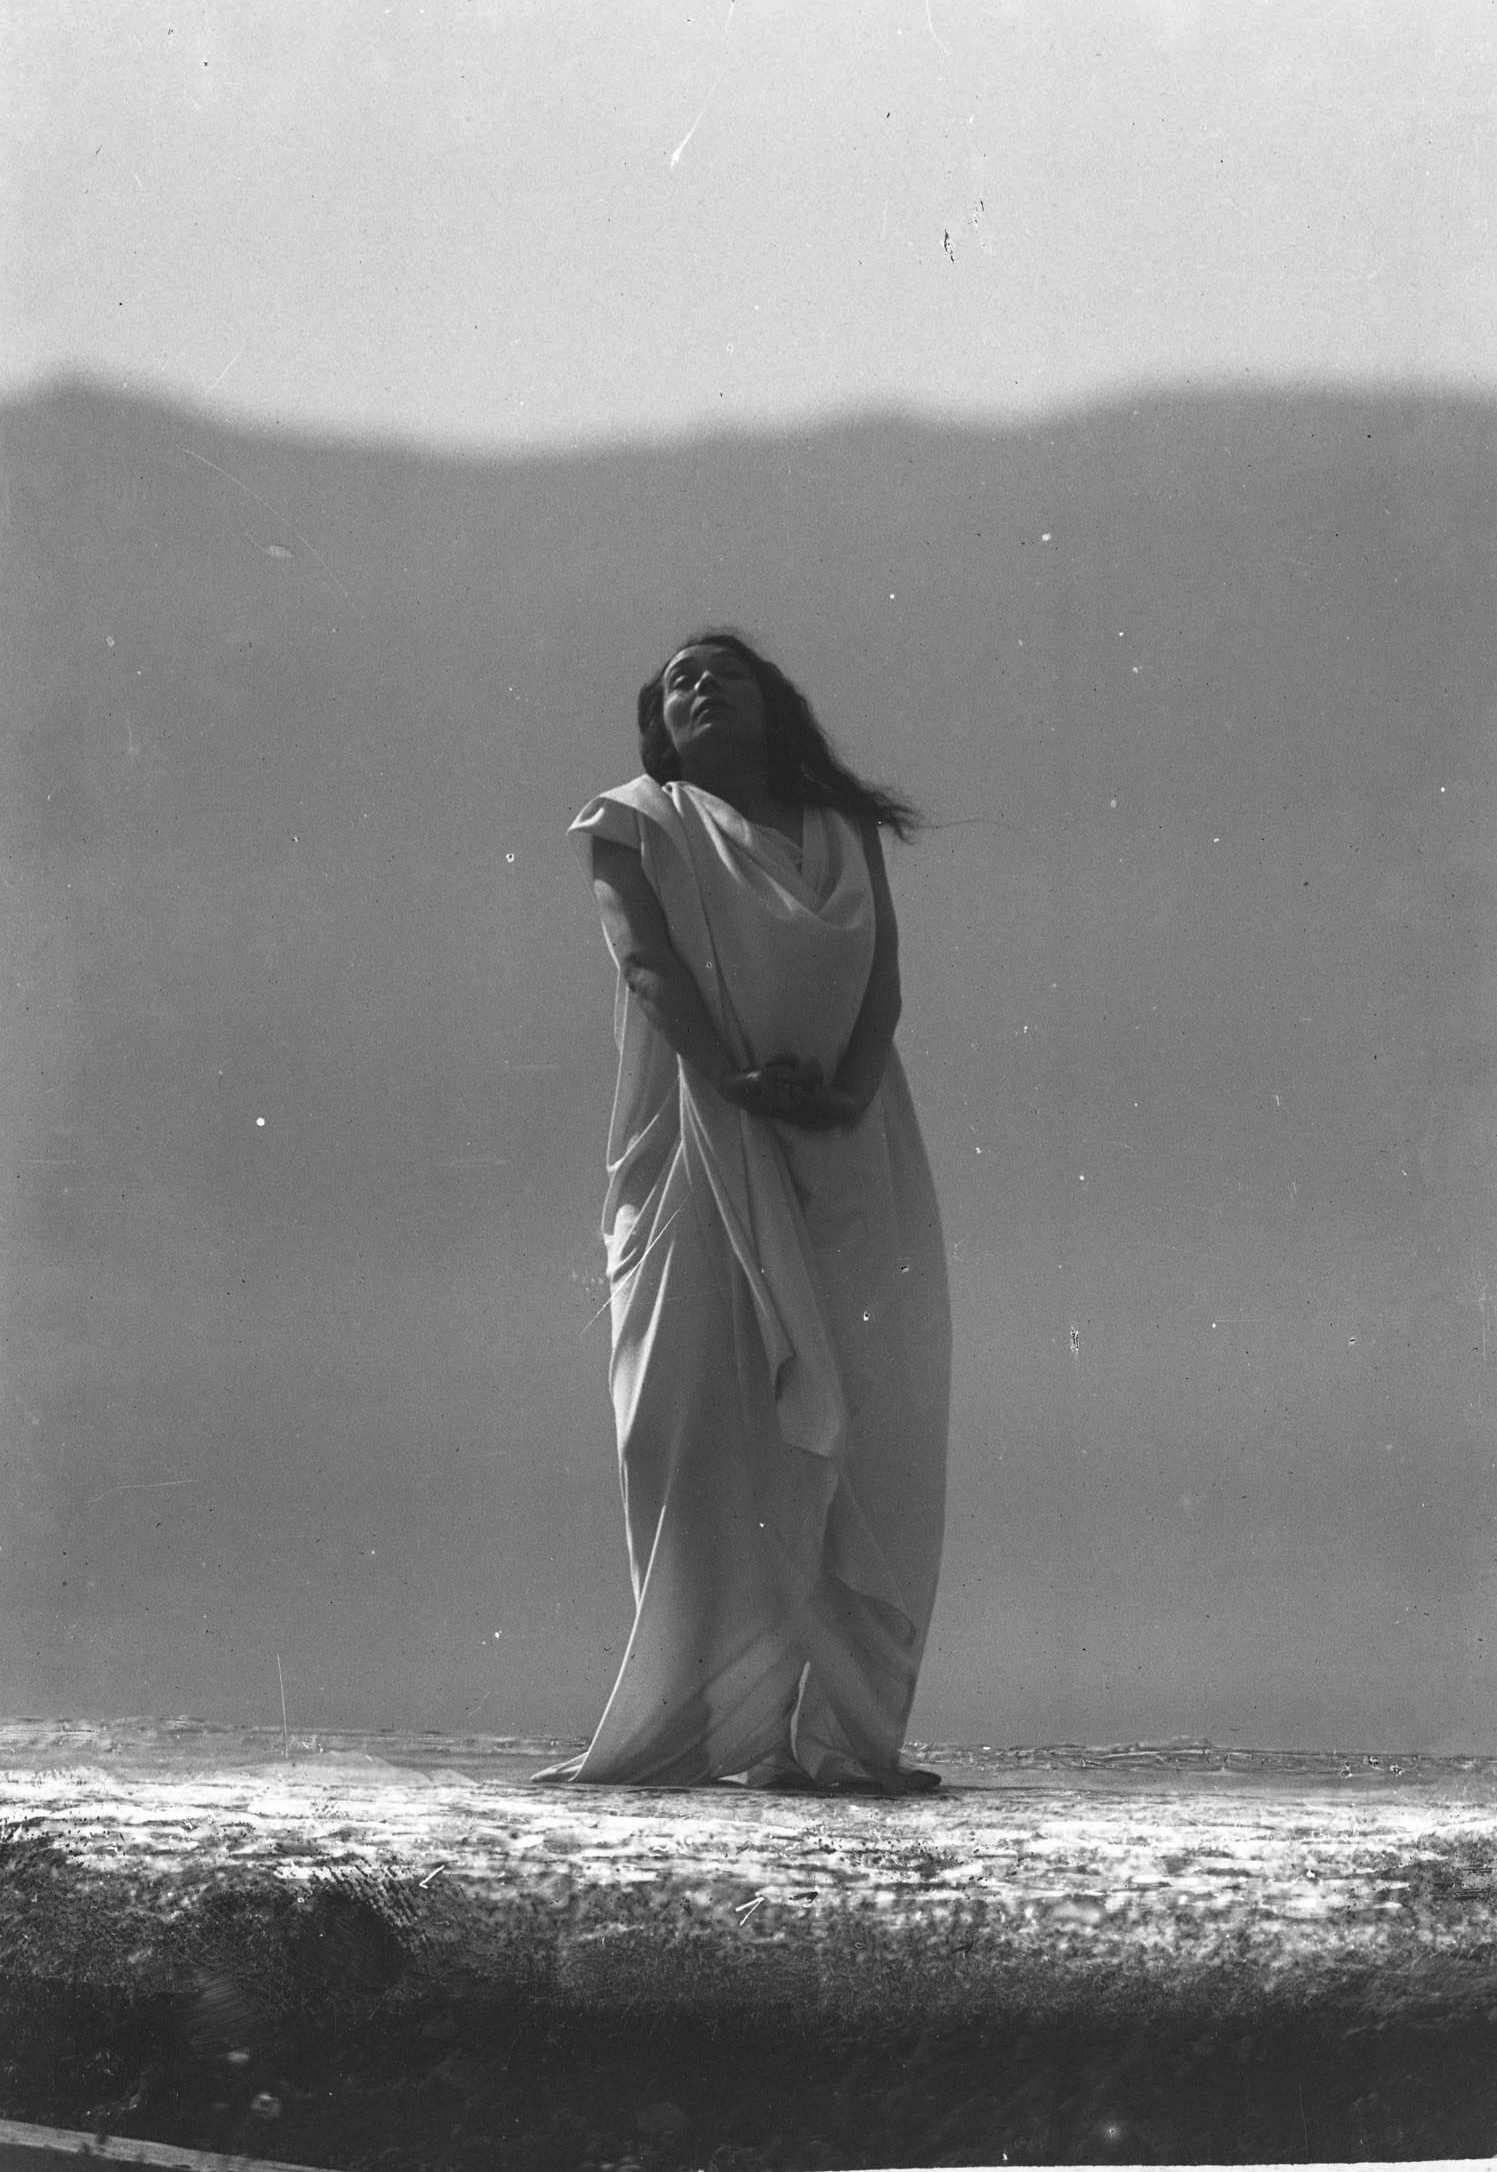 François Frédéric dit Fred Boissonnas - Magdeleine G. dansant misiere de T, hypnotisée par Emile Magnin, 1902-1904 Négatif au gelatino-bromure d'argent sur verre